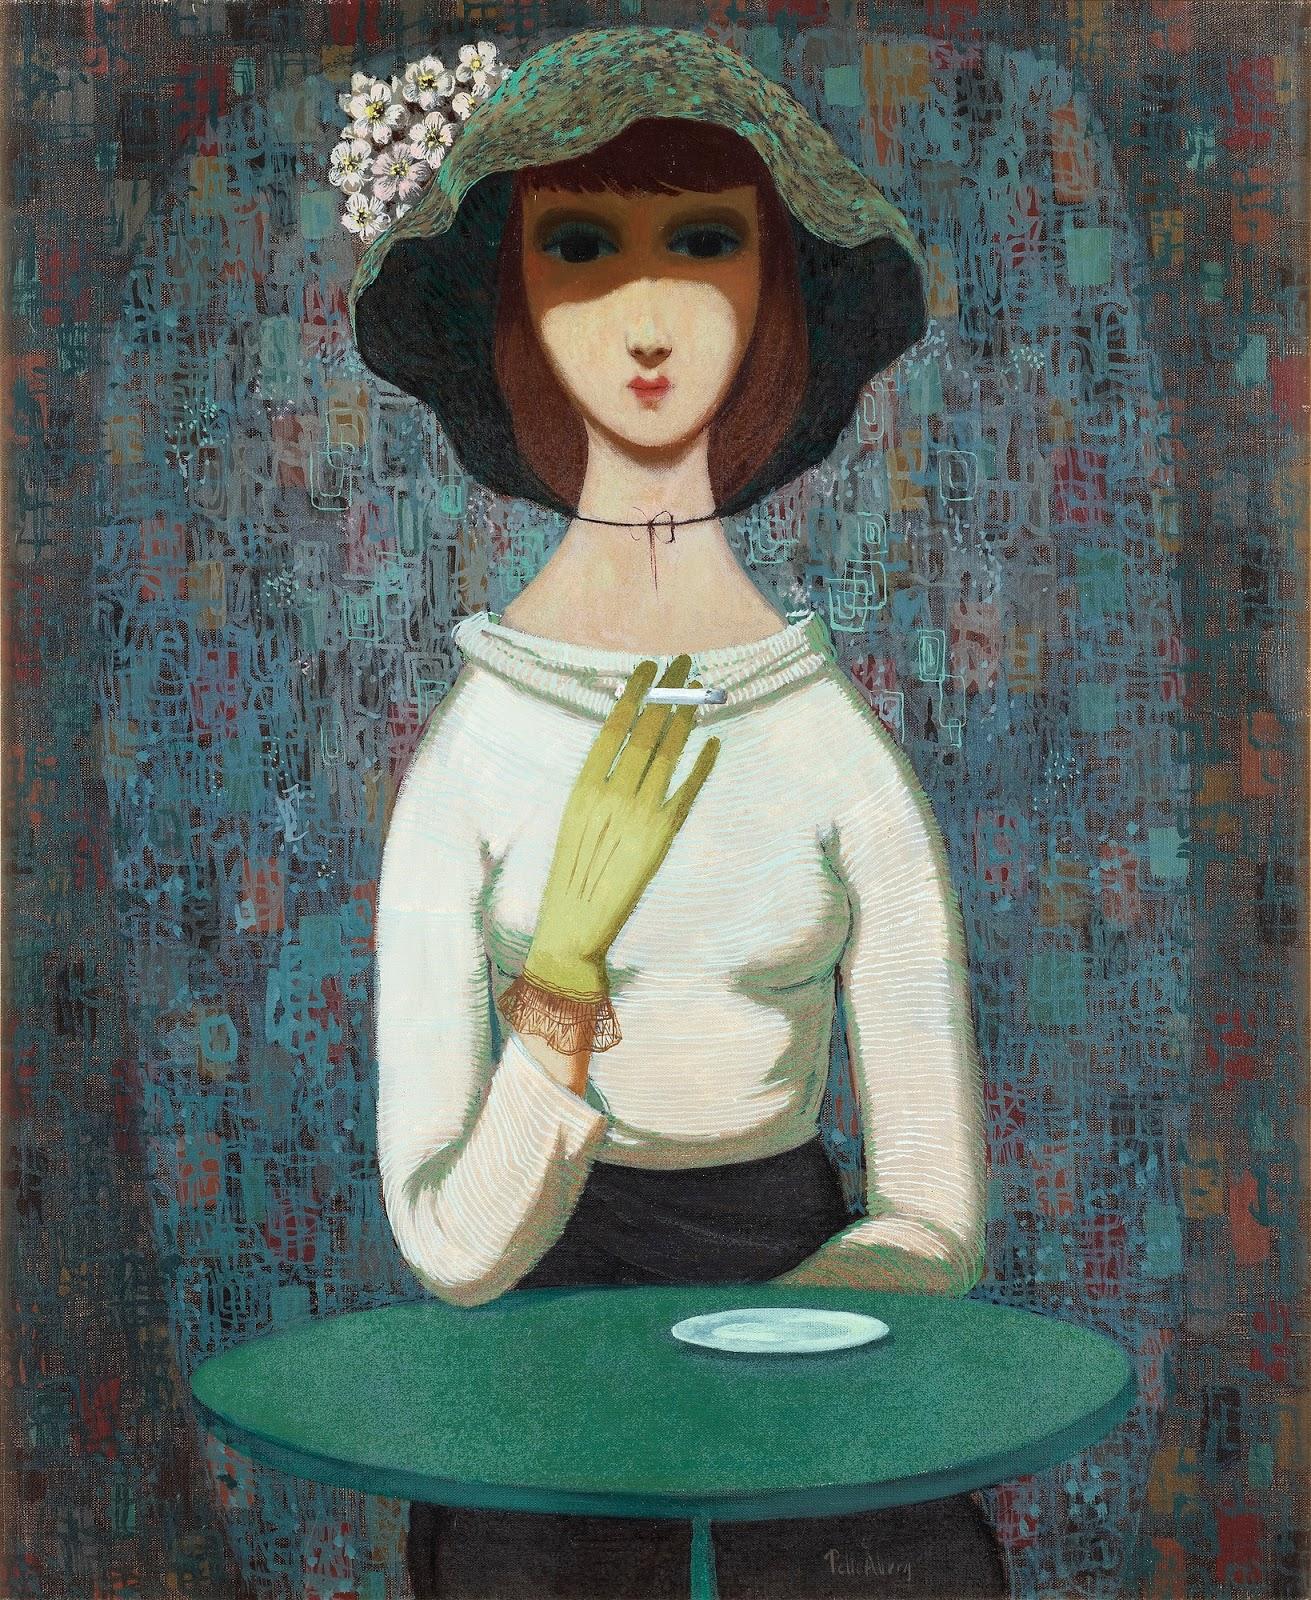 Девушка с сигаретой_73 x 59.5_х.,м._Частное собрание.jpg